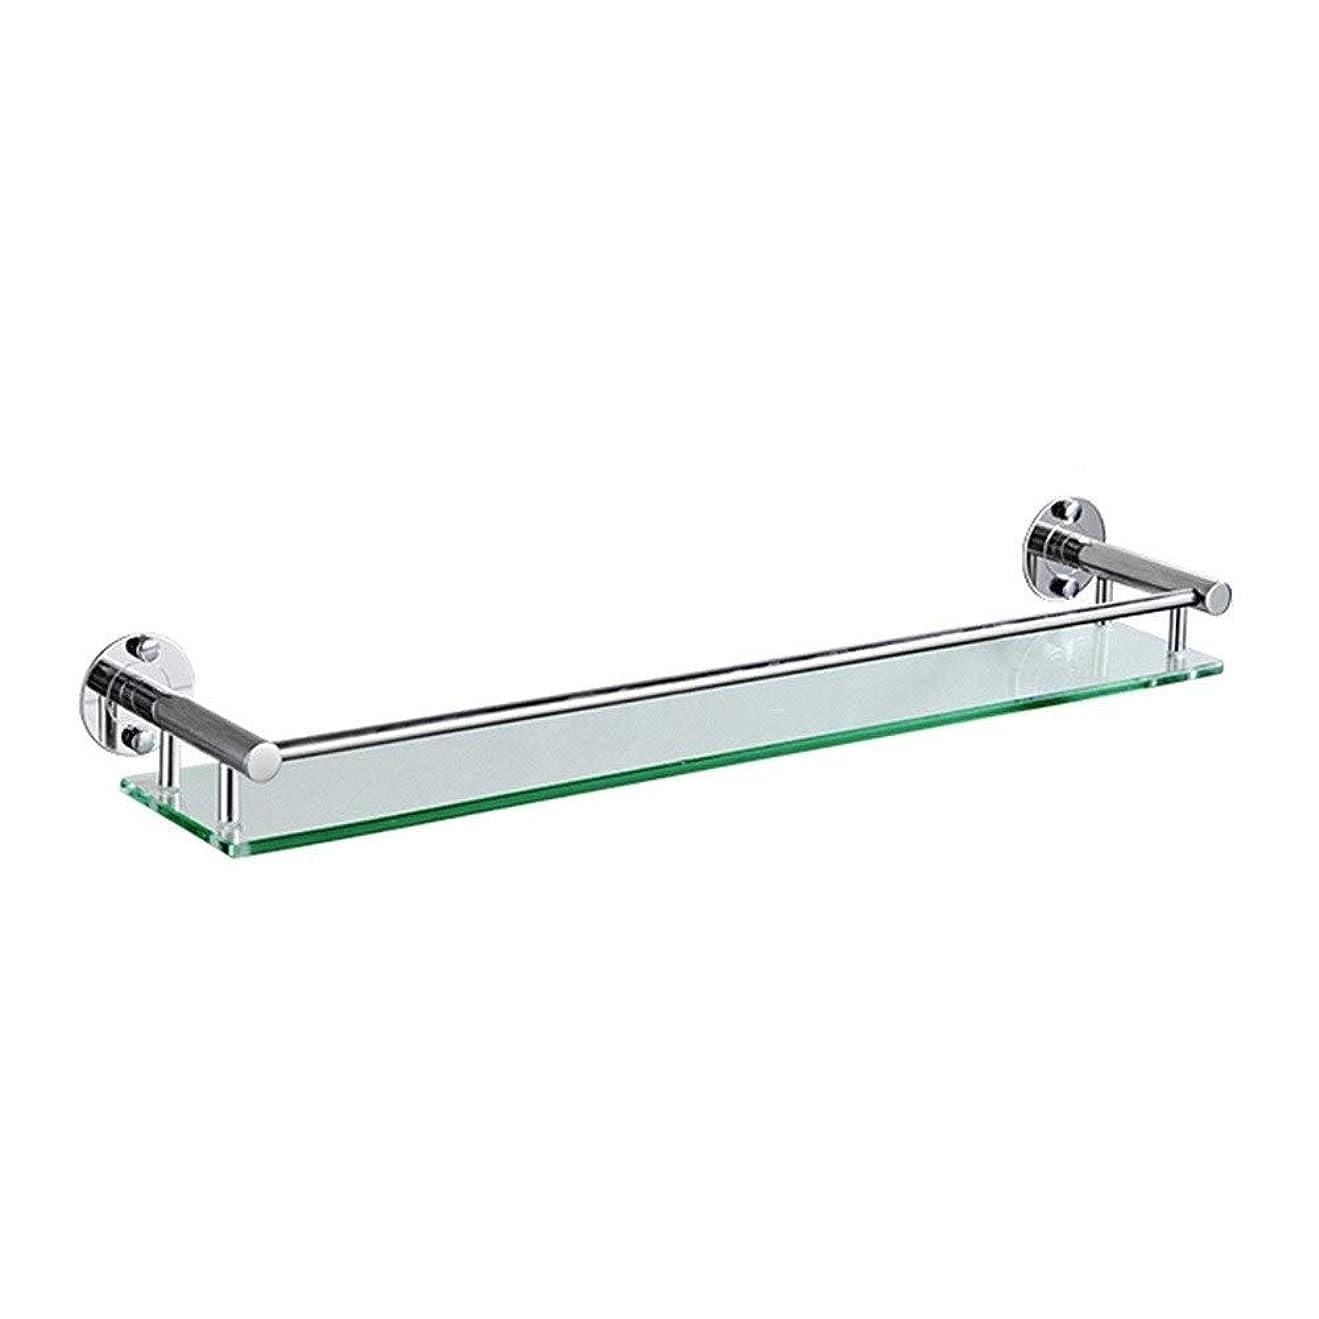 エロチック驚きシードHPLL 浴室のガラス棚、304ステンレス鋼の浴室強化ガラスフレーム太い壁掛け単層バスルームの鏡の前枠 浴室用ガラスシェルフ (Size : 64cm)